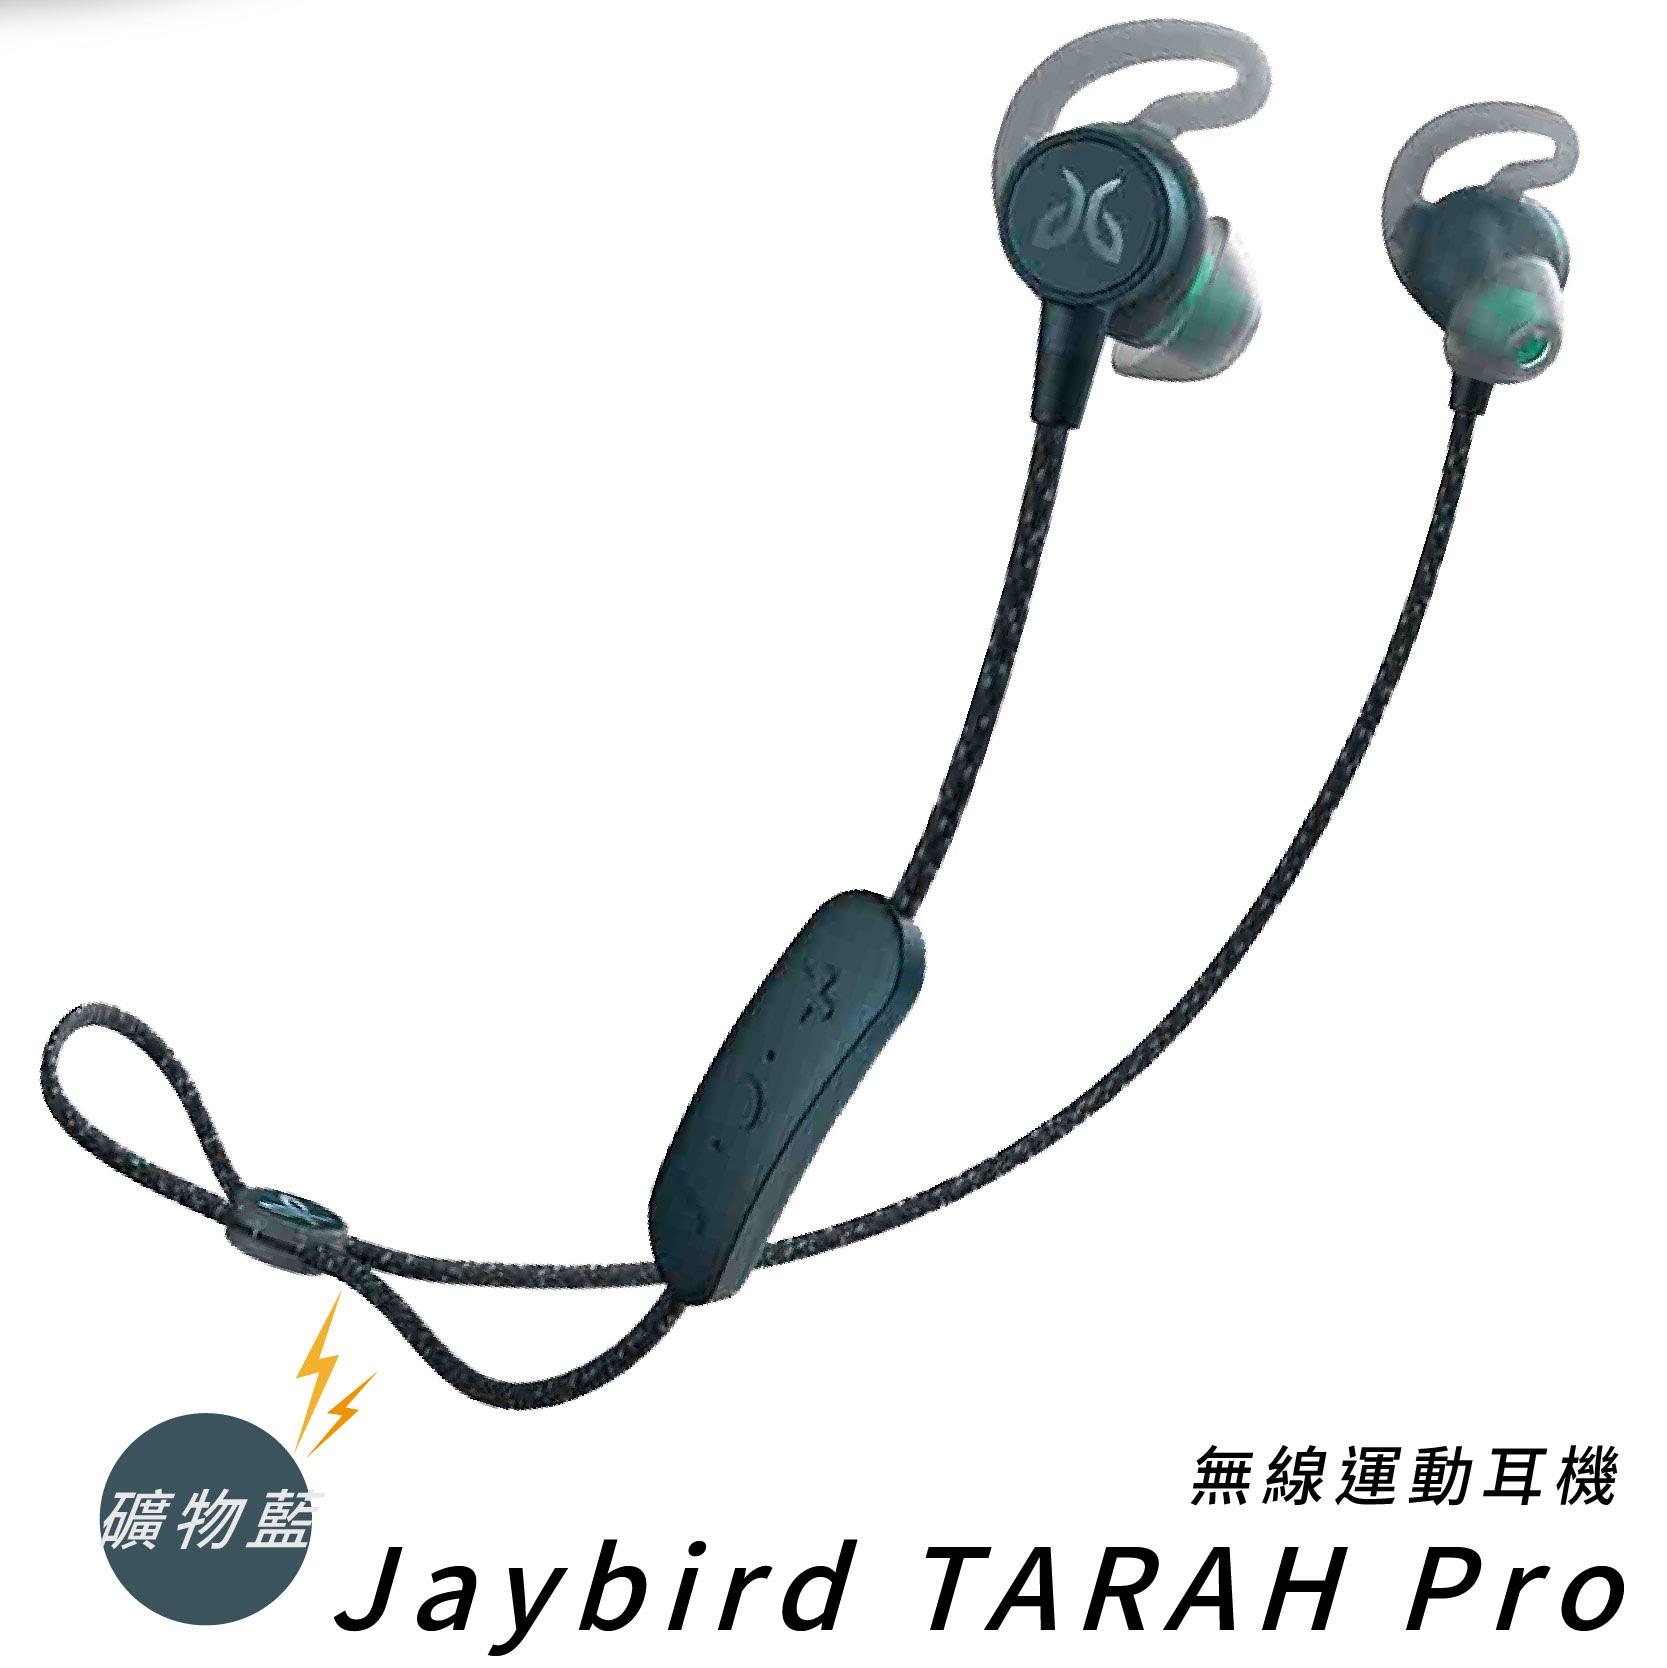 【美國JayBird】TARAH Pro 無線運動耳機-礦物藍 自訂等化器 防汗防水 健身運動 耳道式 入耳式 藍芽耳機